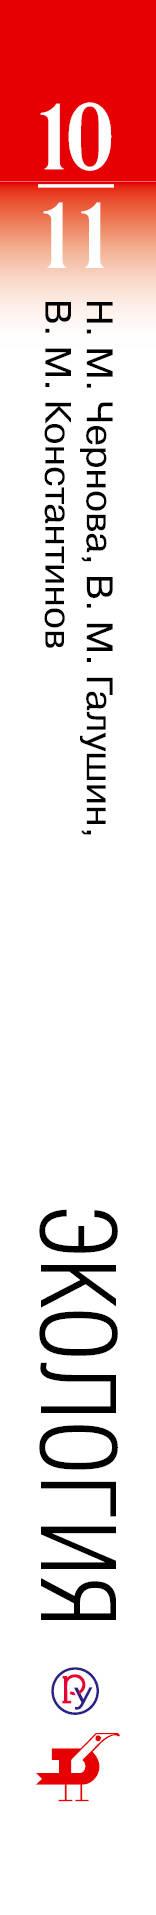 Экология. Базовый уровень. 10-11 классы. Учебник. Н. М. Чернова, В. М. Галушин, В. М. Константинов